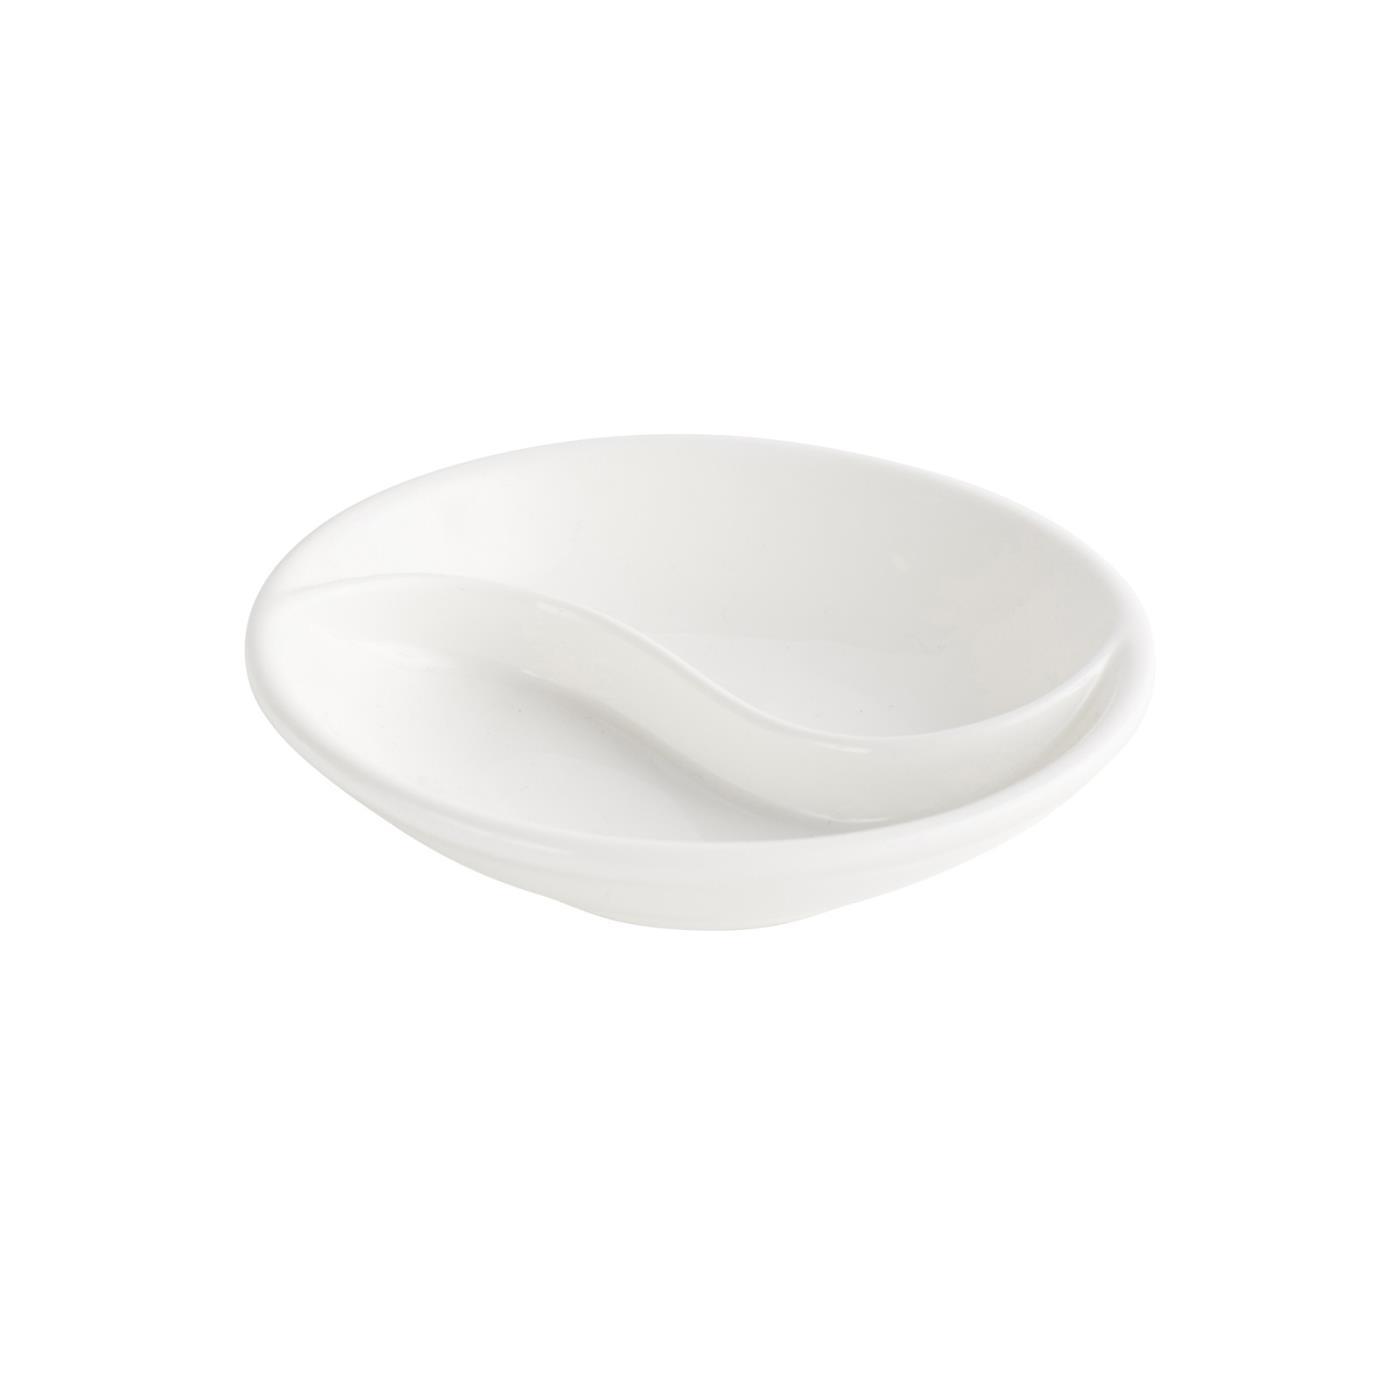 Ceramic Ying Yang Dish